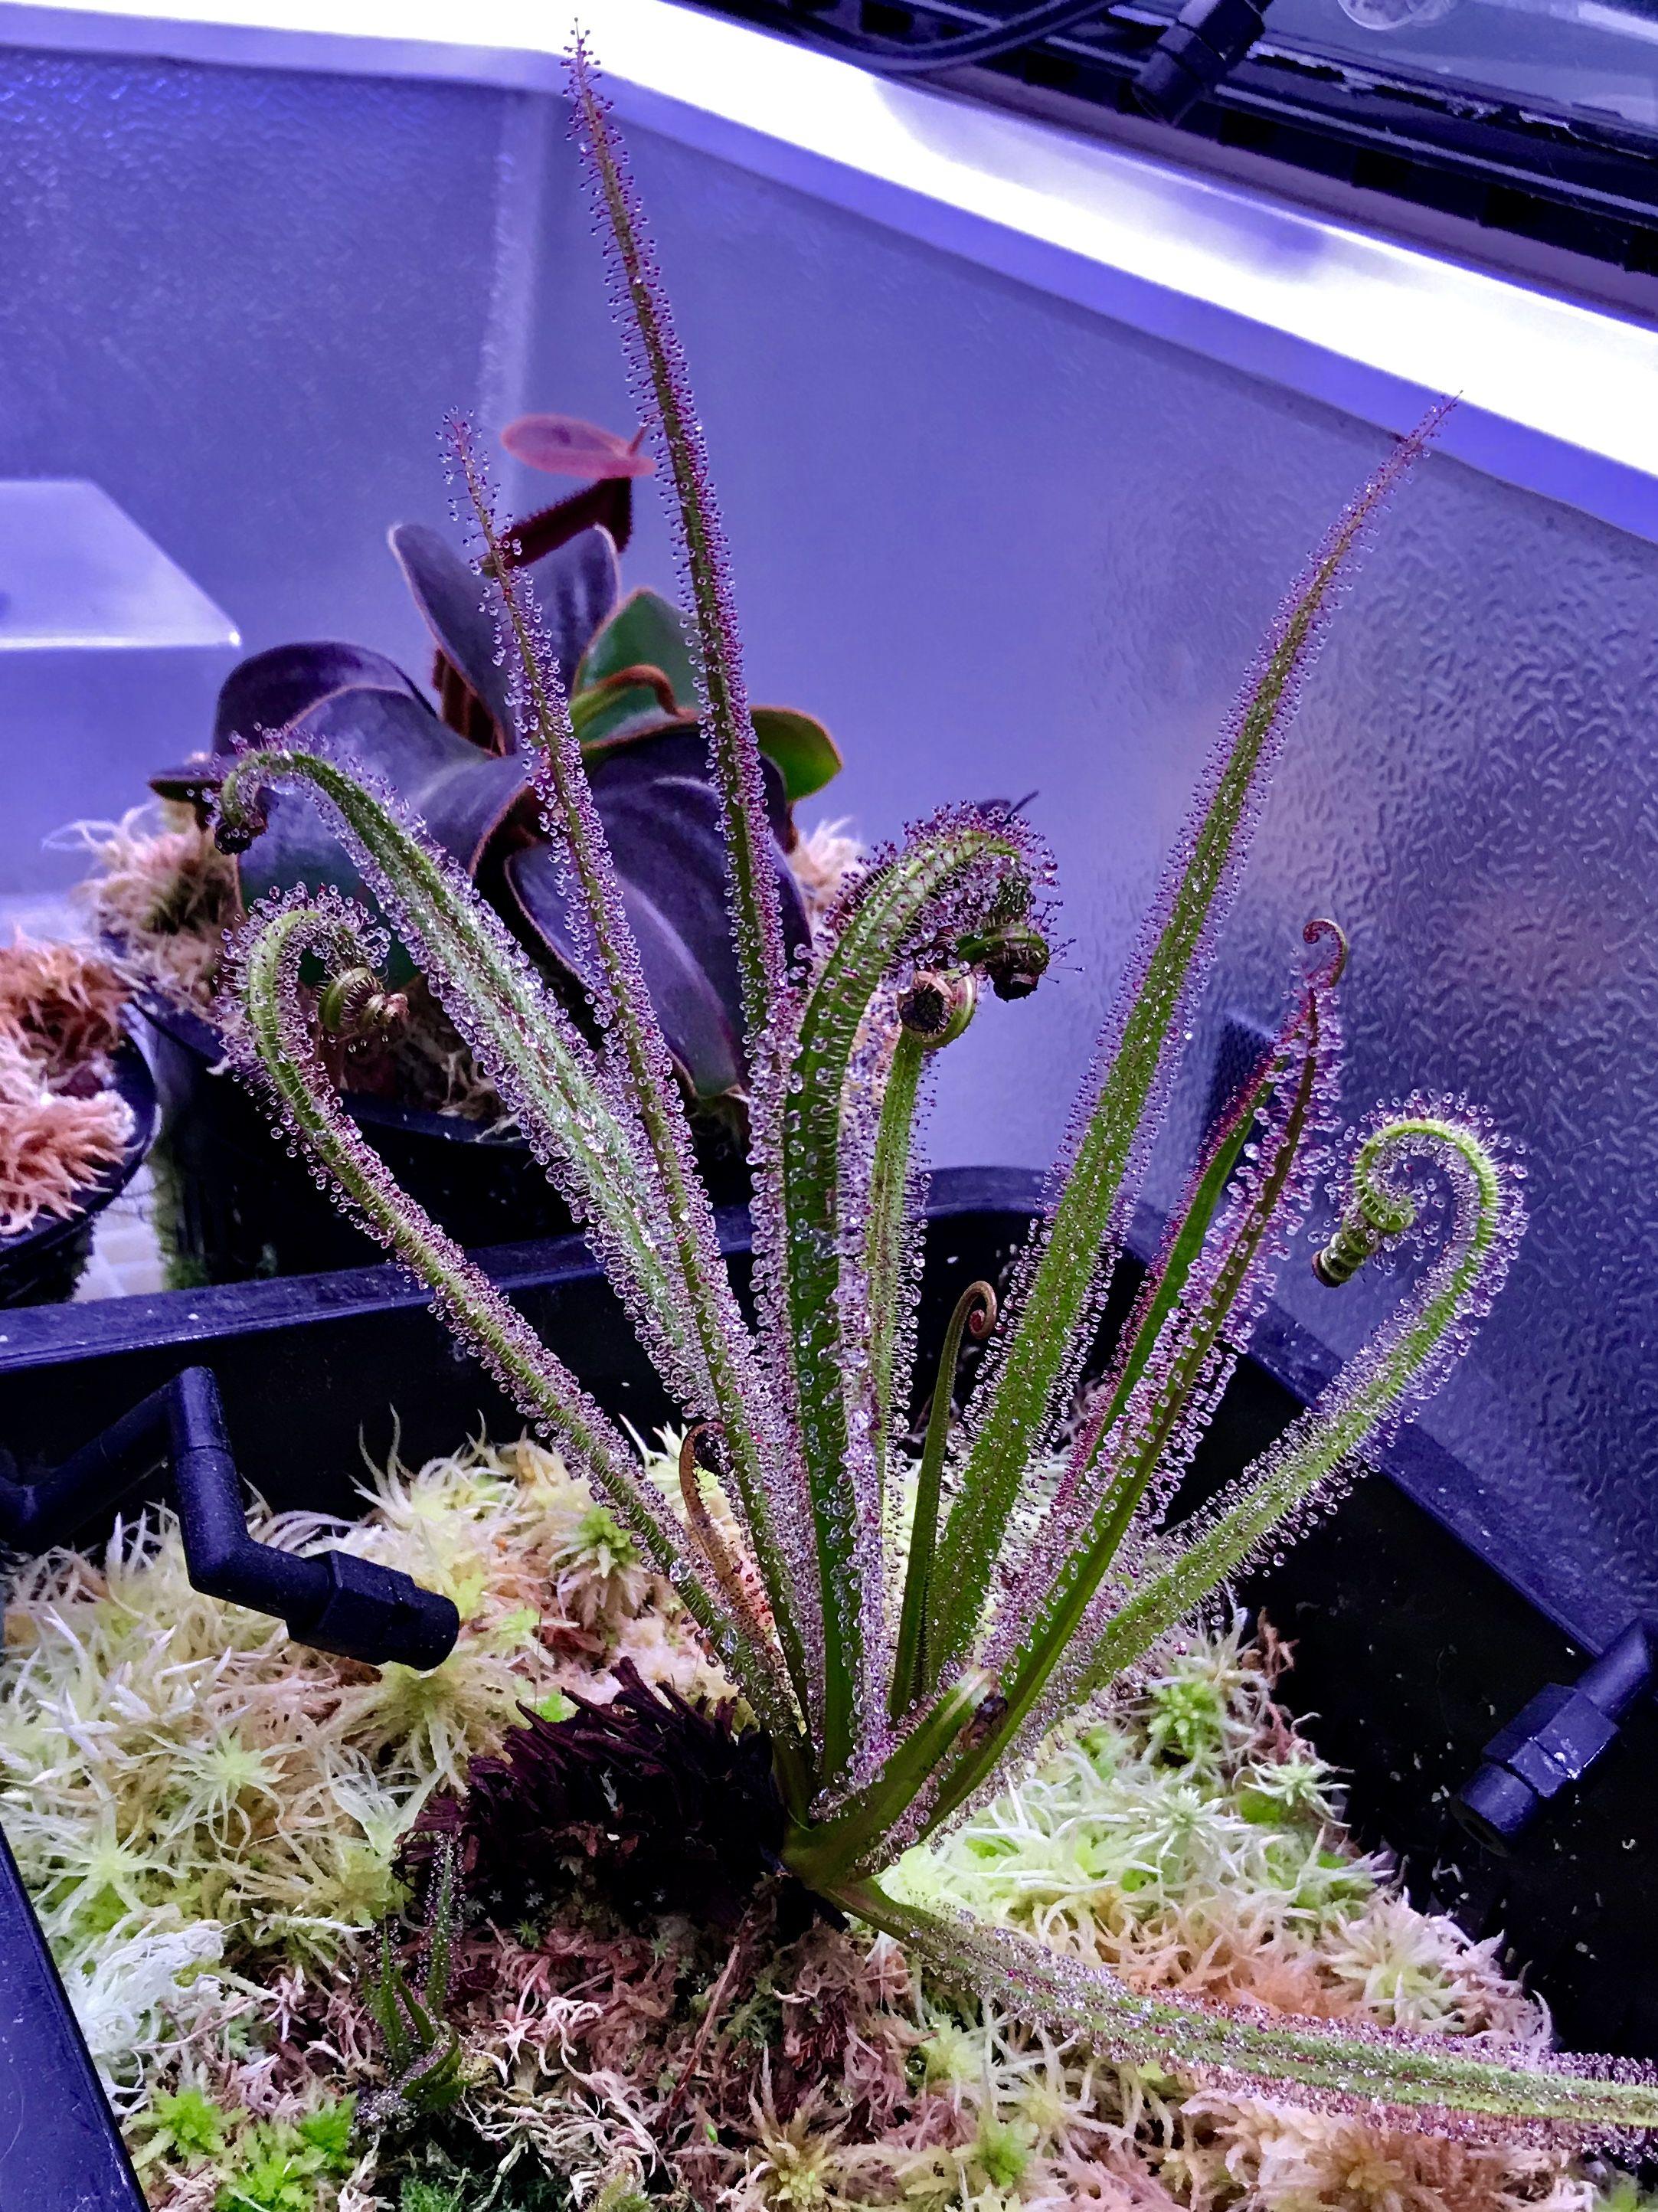 Drosera regia fleischfressende pflanze pflanzen